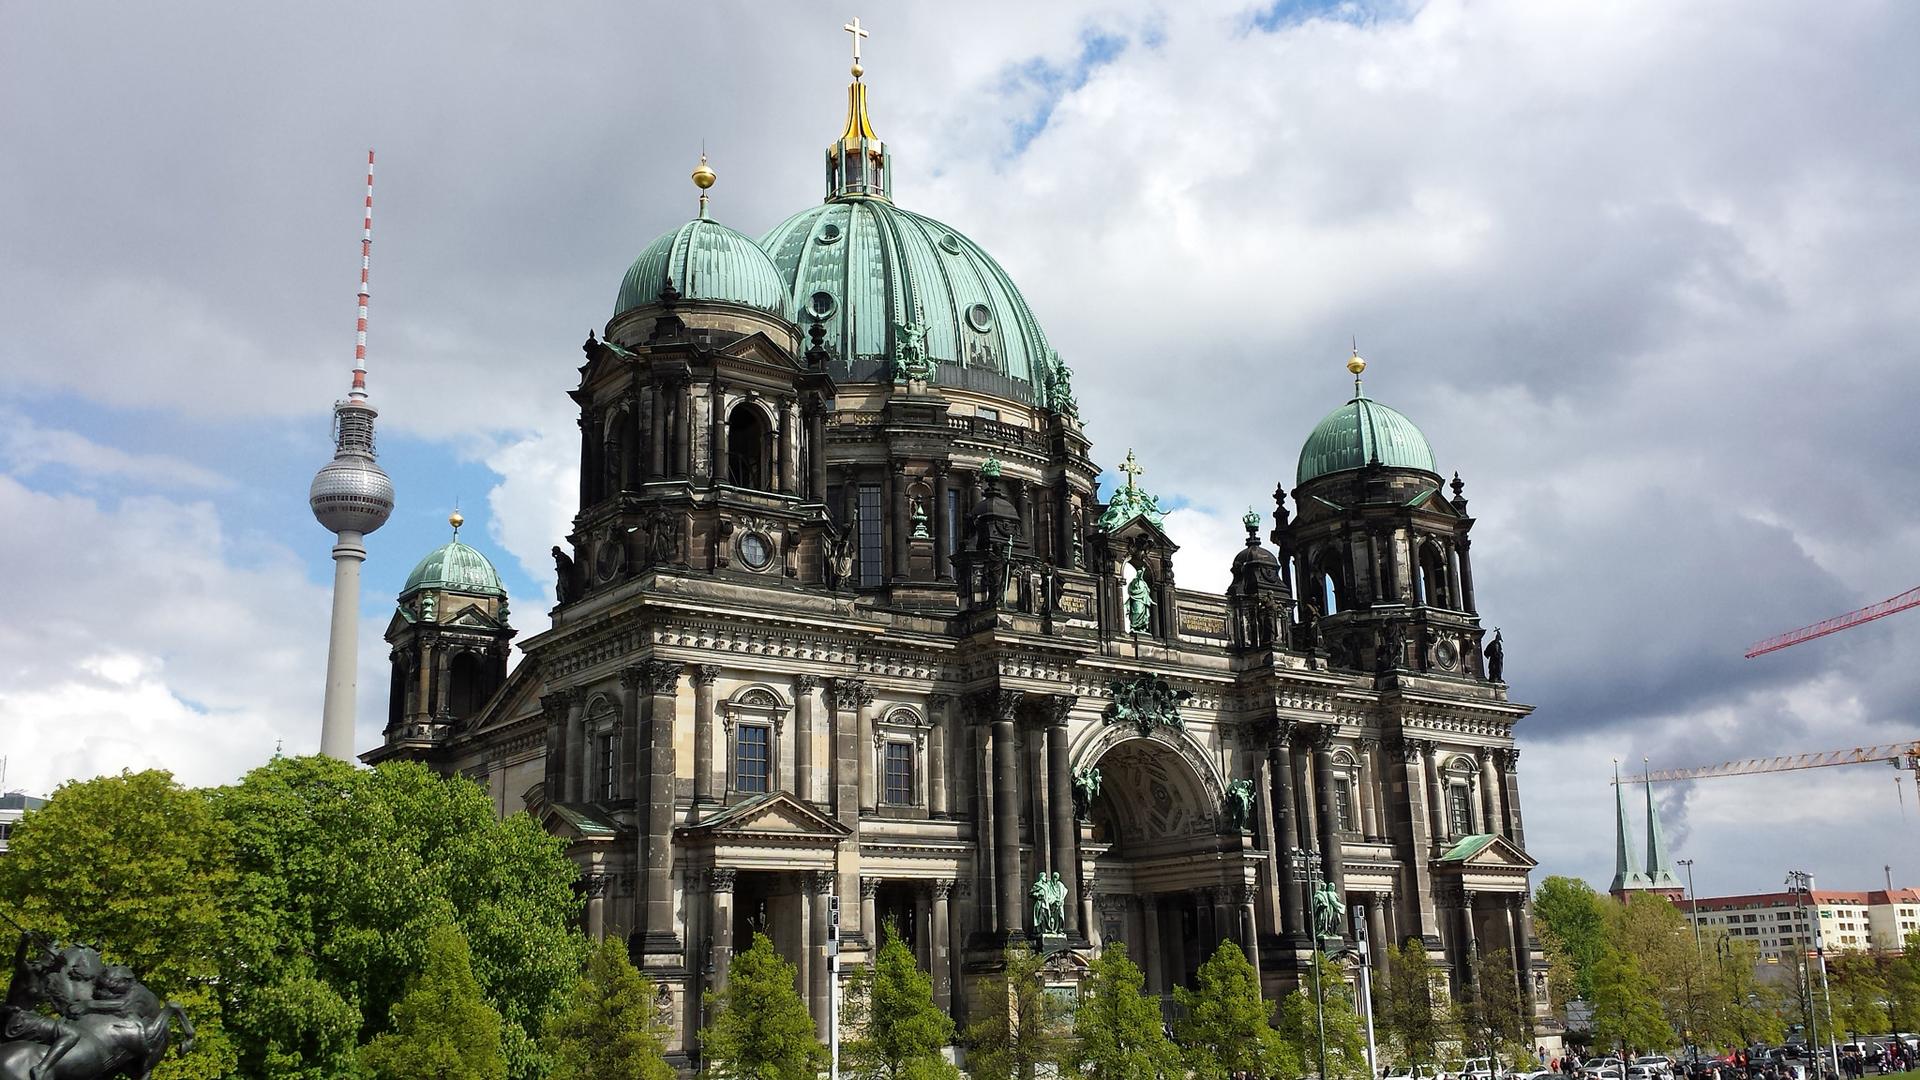 De dom van Berlijn is een van de bezienswaardigheden op de fiets-vaarvakantie. © SE-Tours